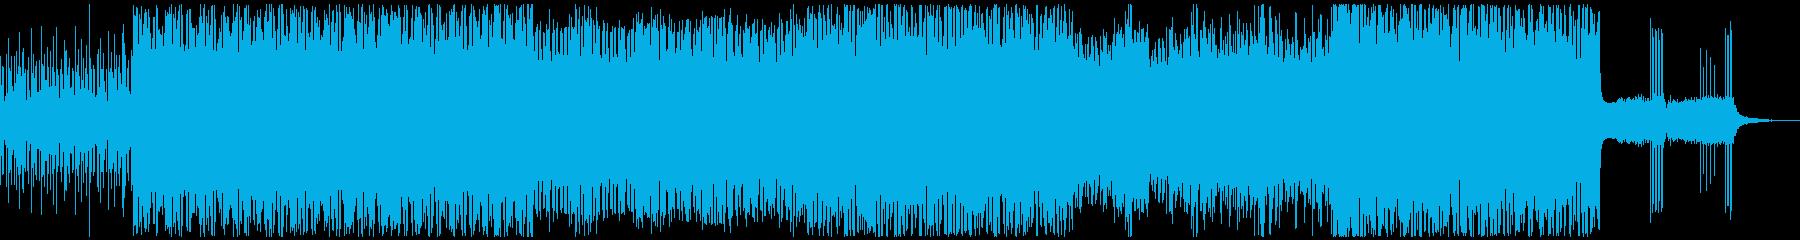 【トークに最適化】疾走するビート、テクノの再生済みの波形